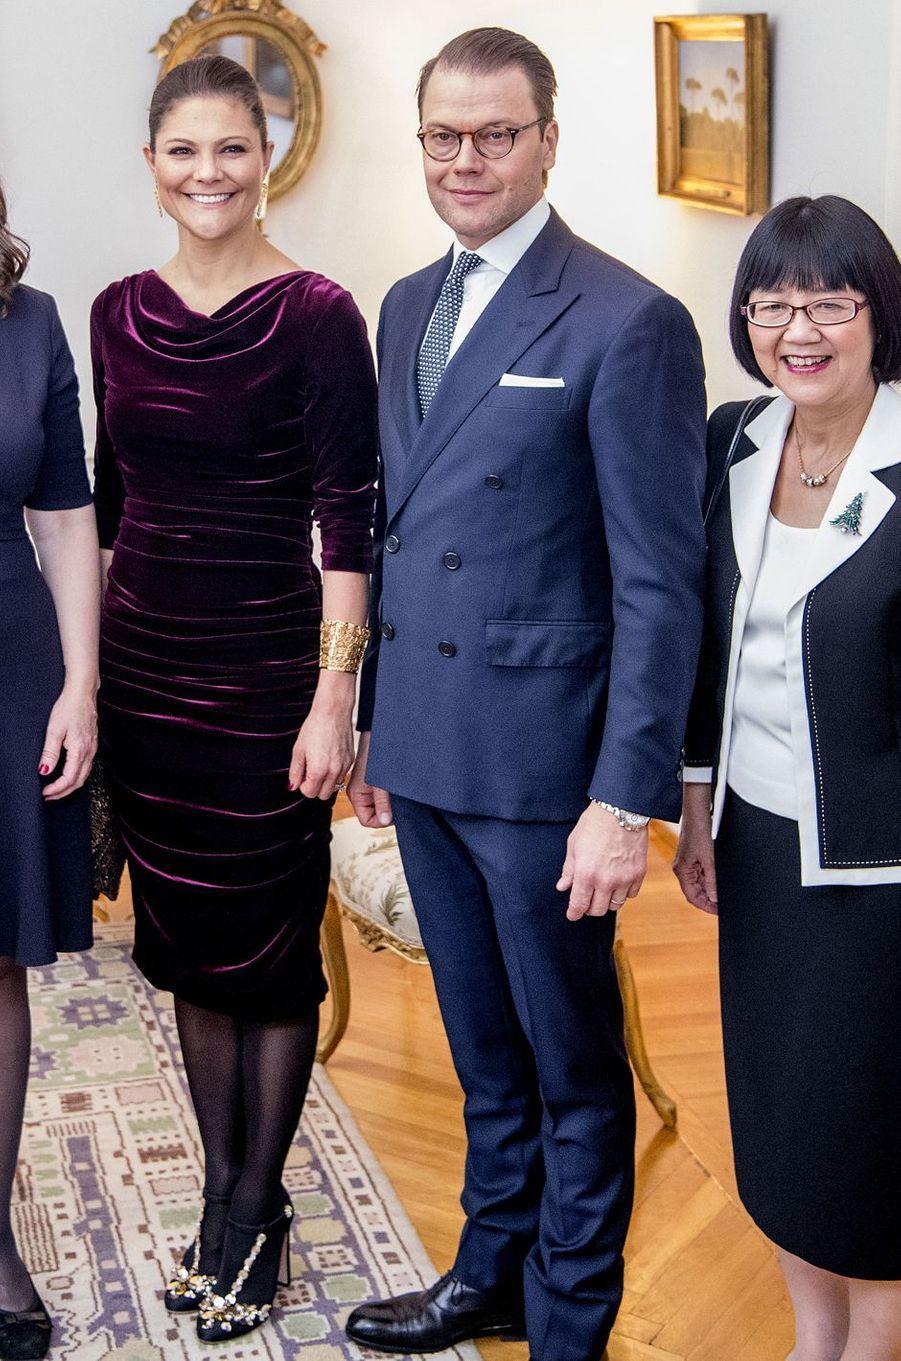 La princesse Victoria de Suède et le prince consort Daniel à l'ambassade de Suède à Rome, le 15 décembre 2016